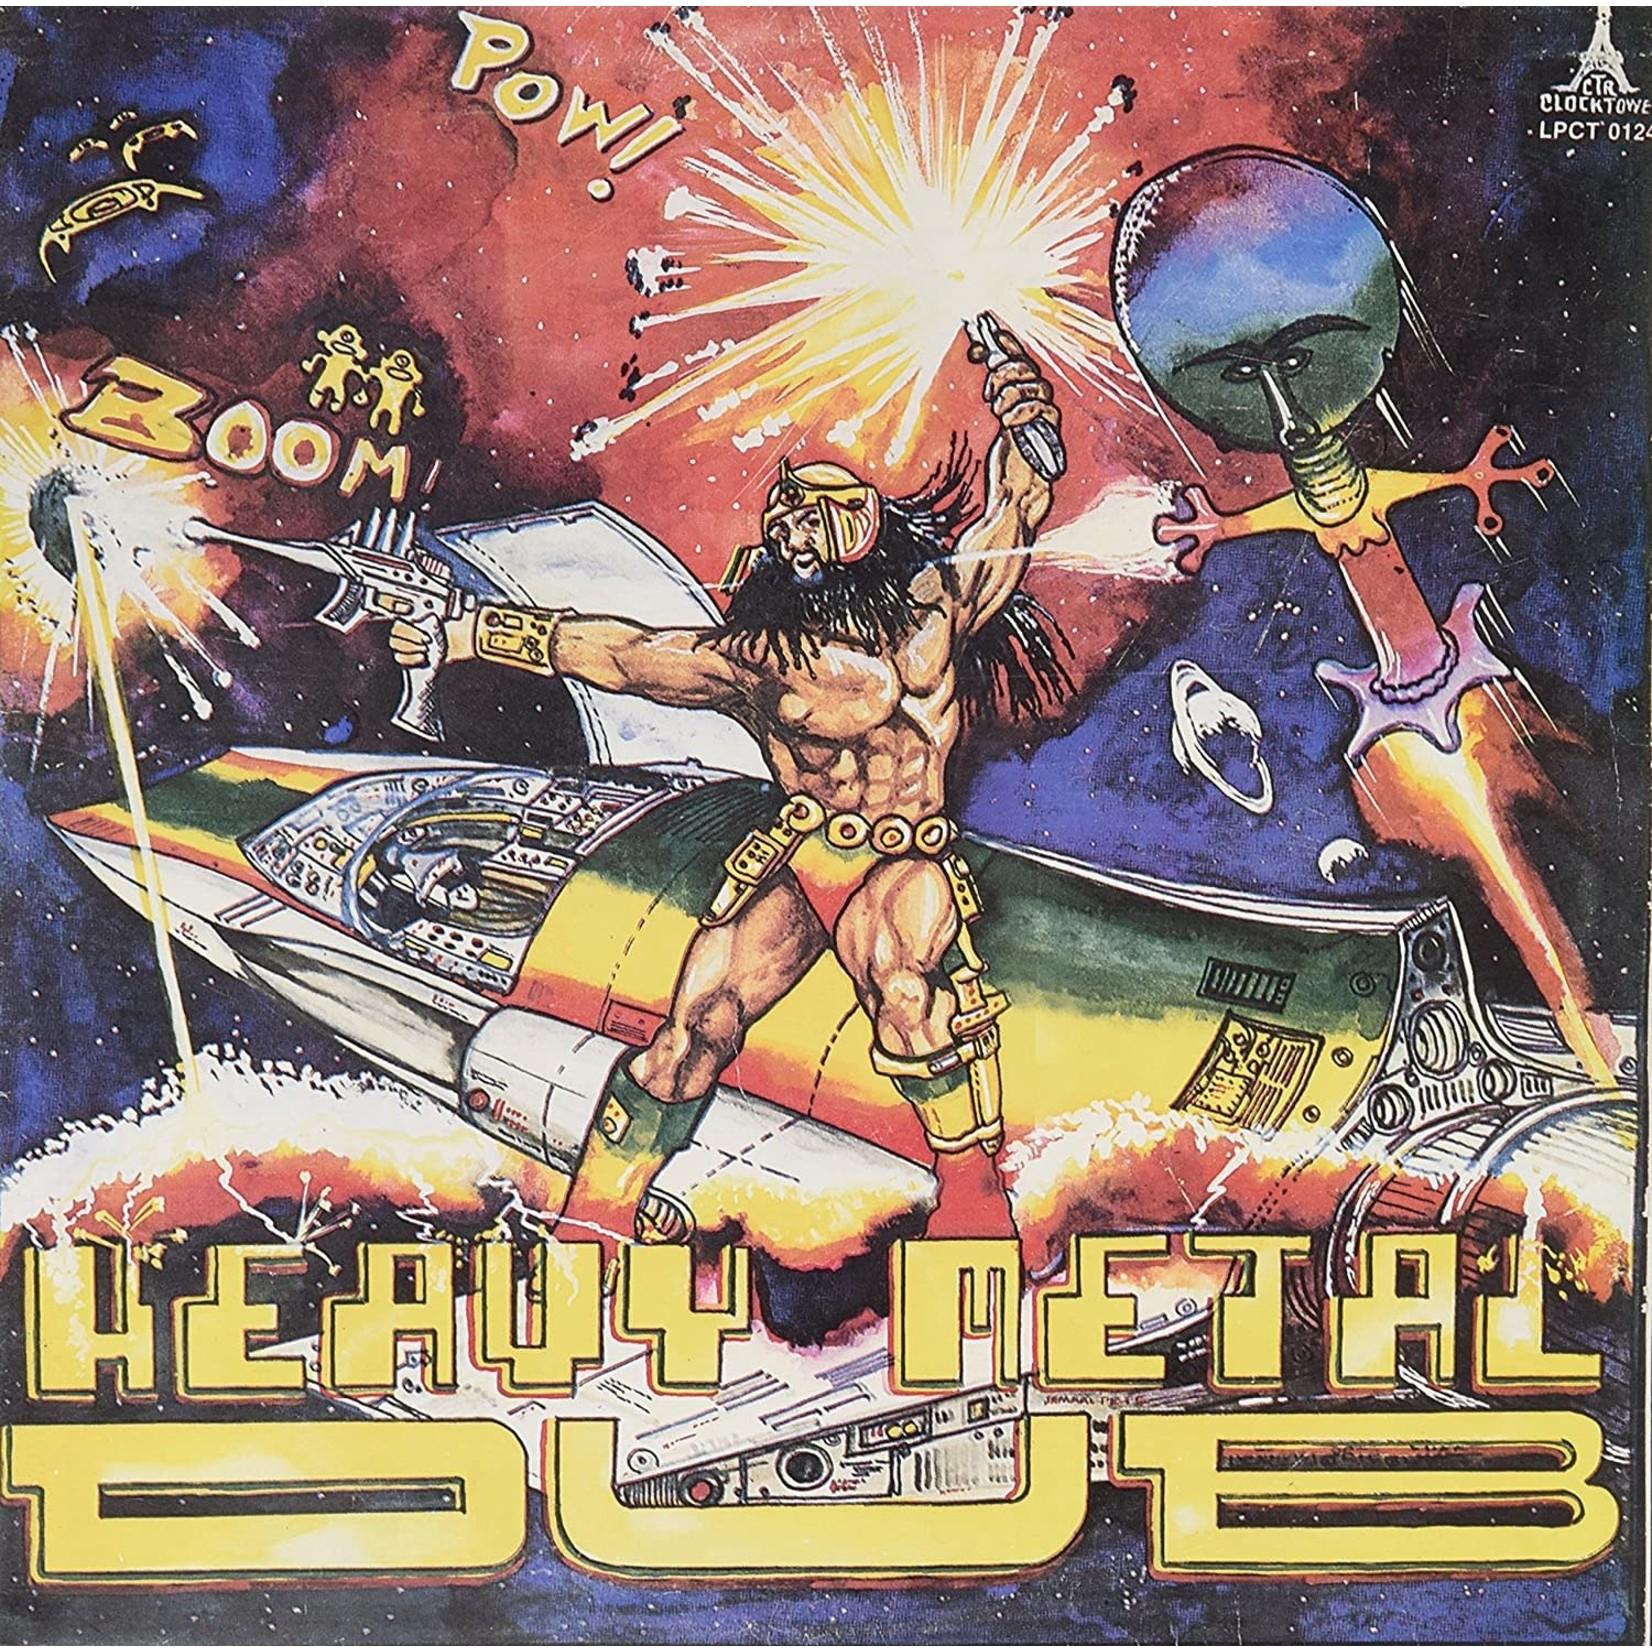 [New] Scientist: Heavy Metal Dub